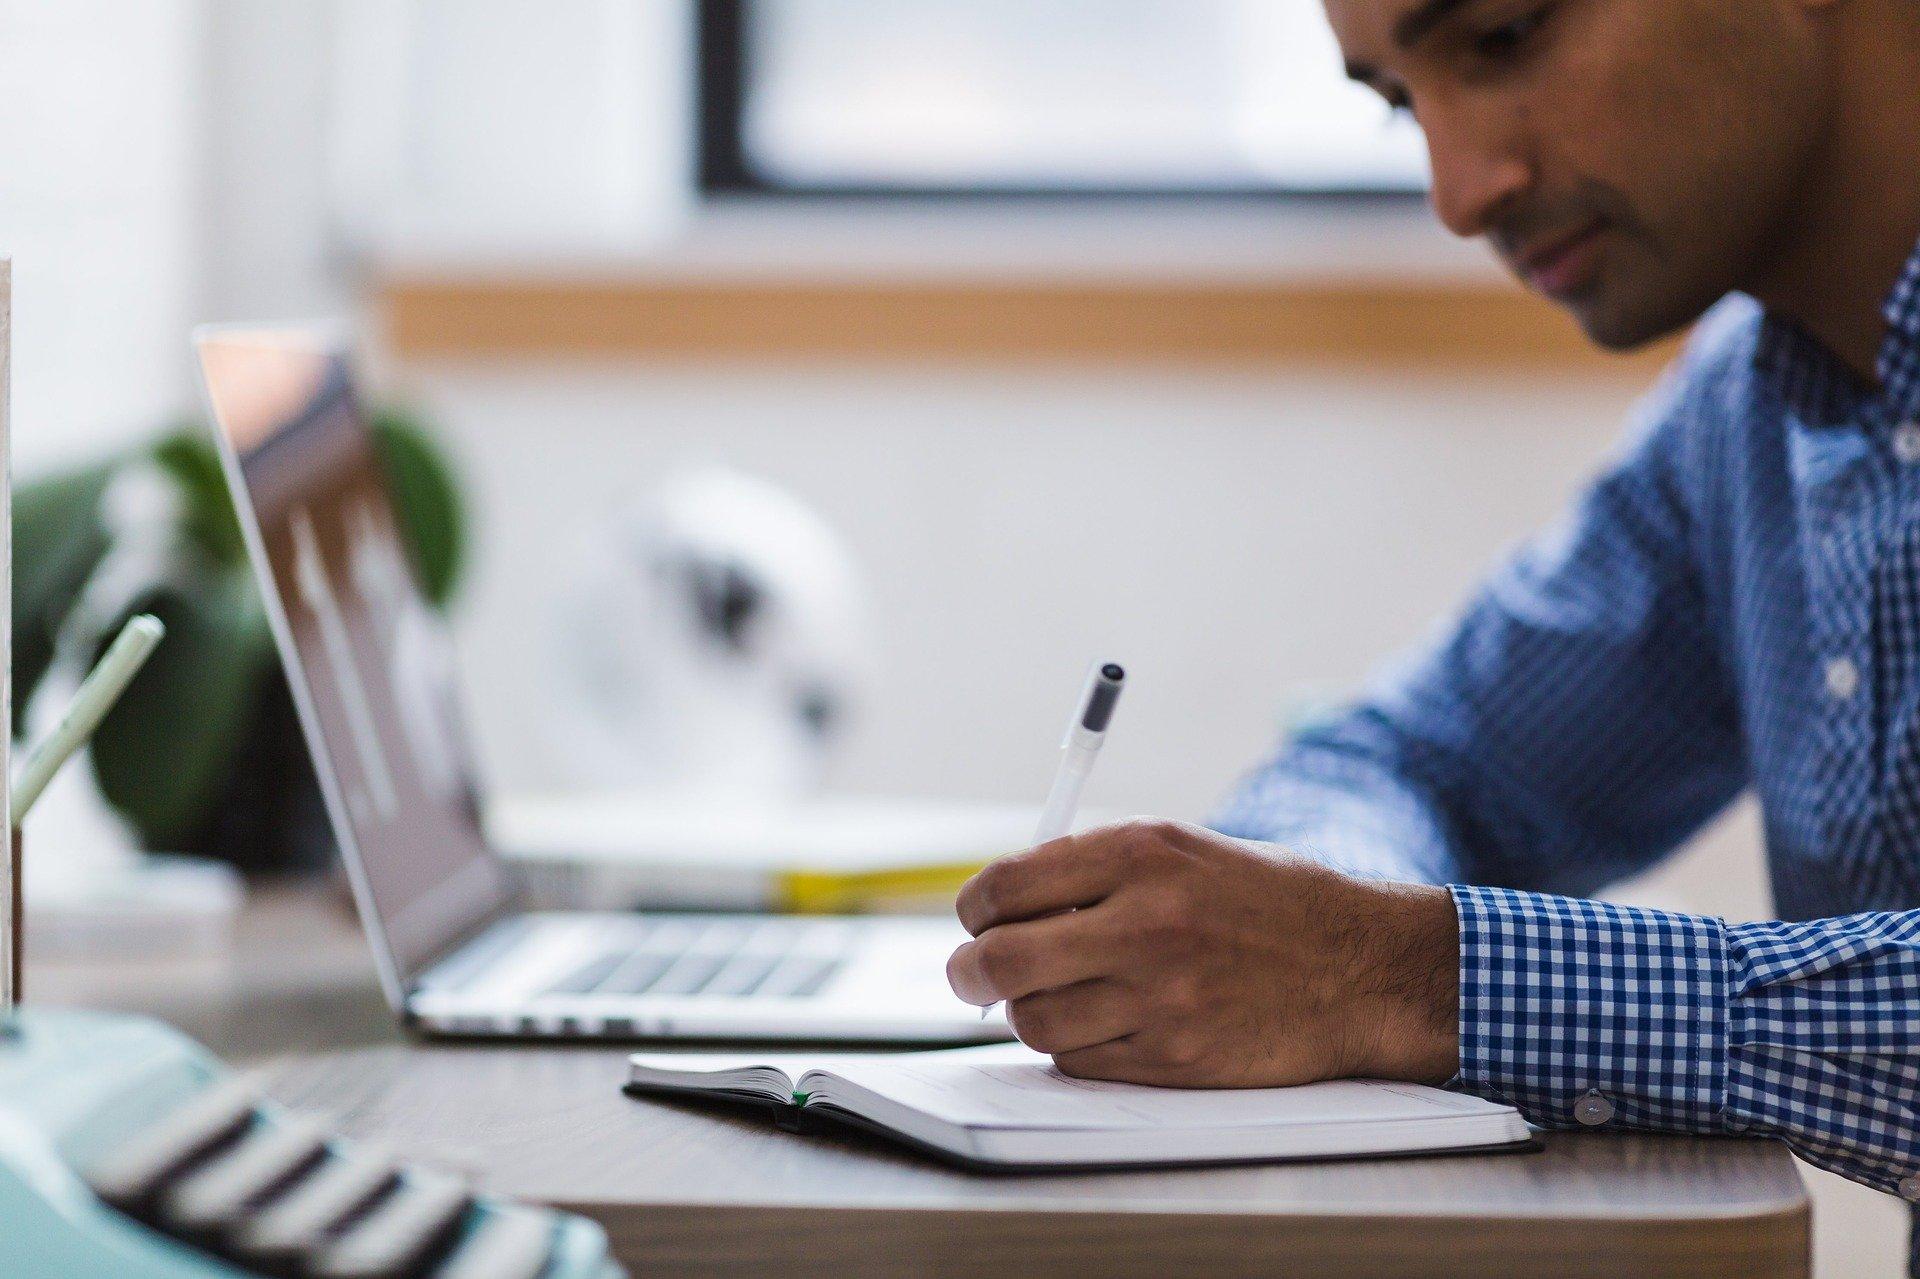 Les notes de frais se digitalisent: dites adieu à Excel